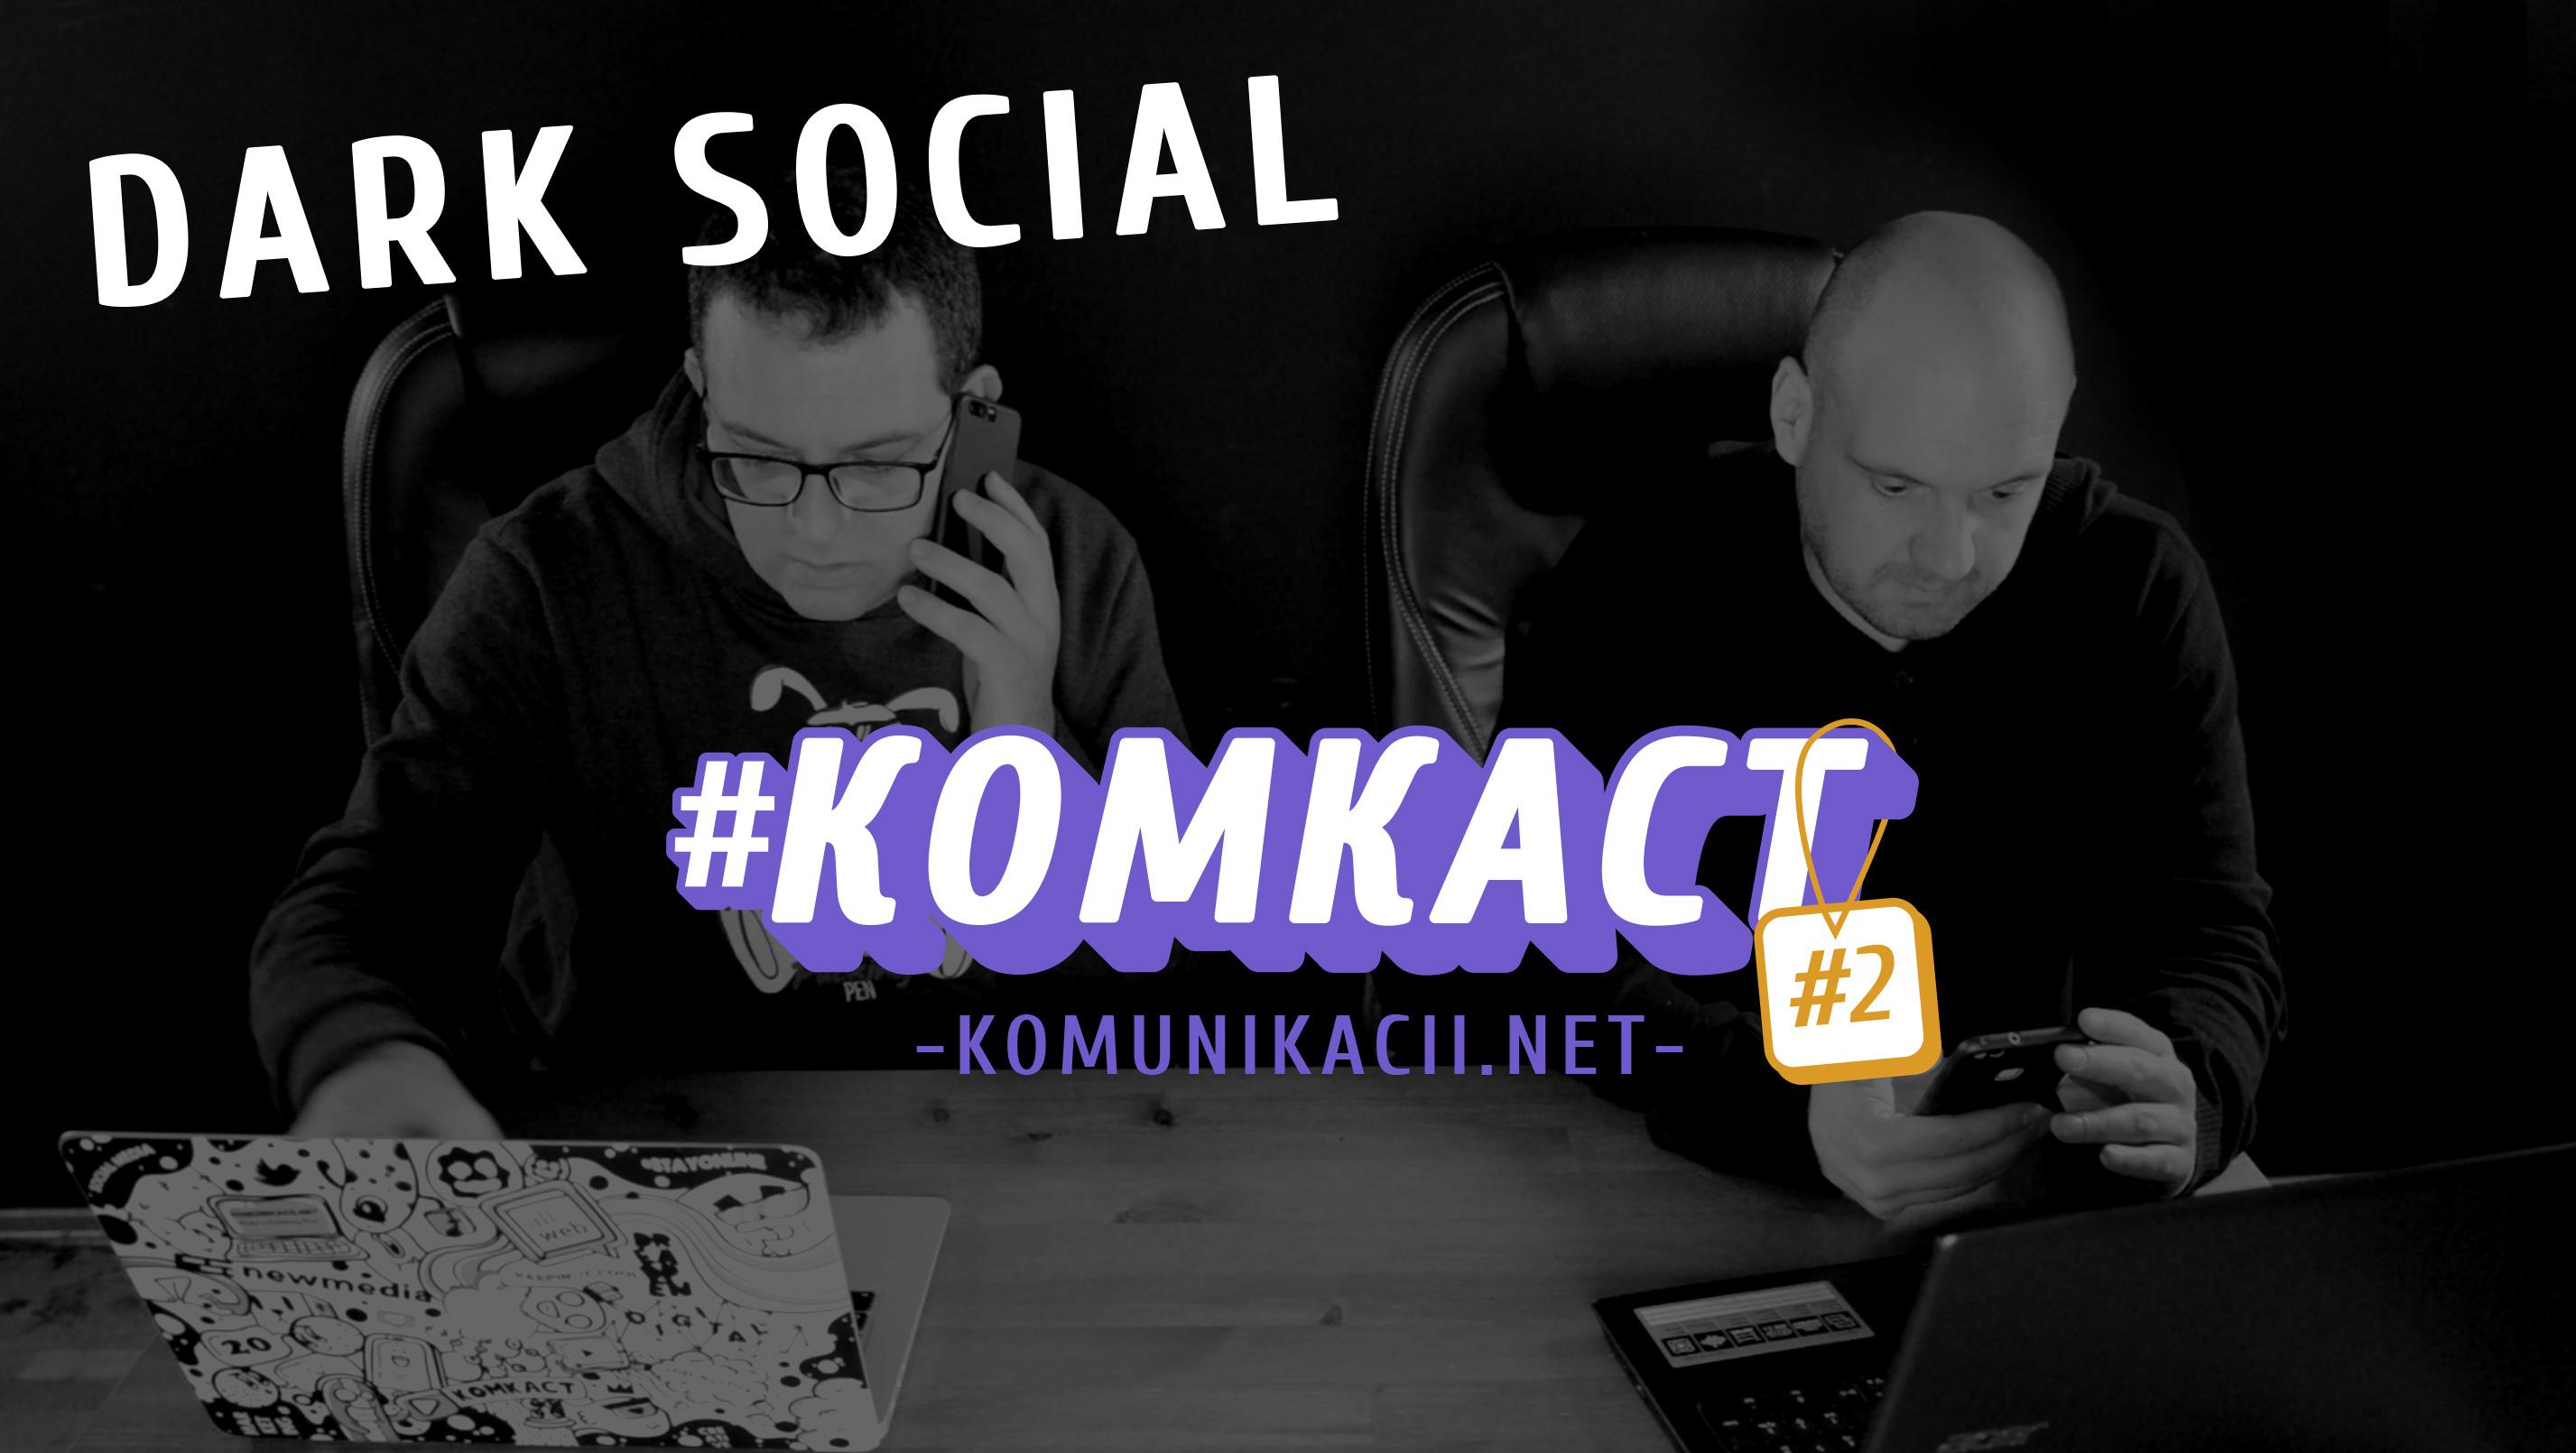 #комкаст s02e02 – Dark Social